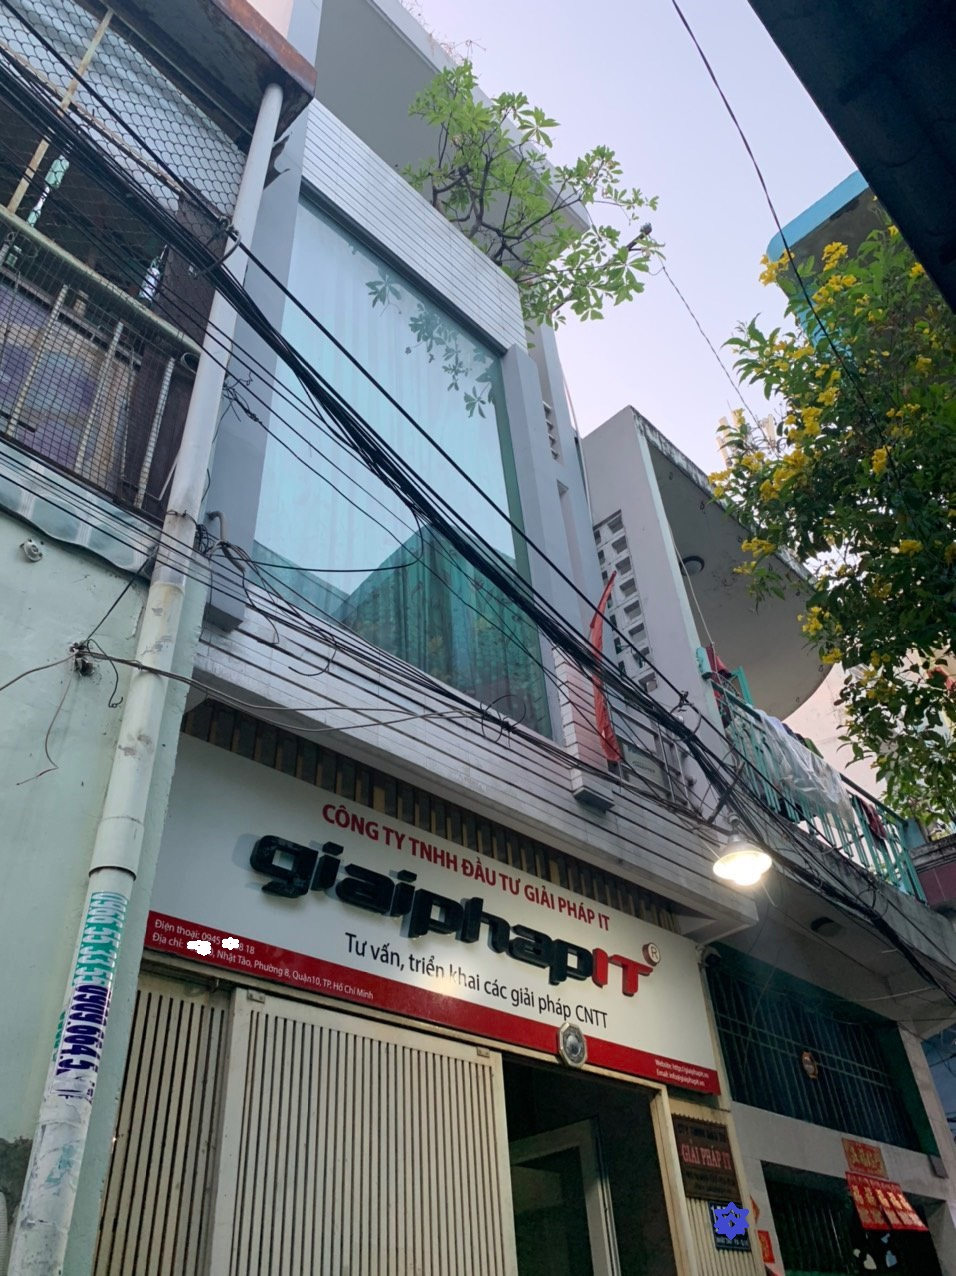 Bán nhà hẻm đường Nhật Tảo phường 8 Quận 10. DT 3,3x10m, trệt 2 lầu sân thượng